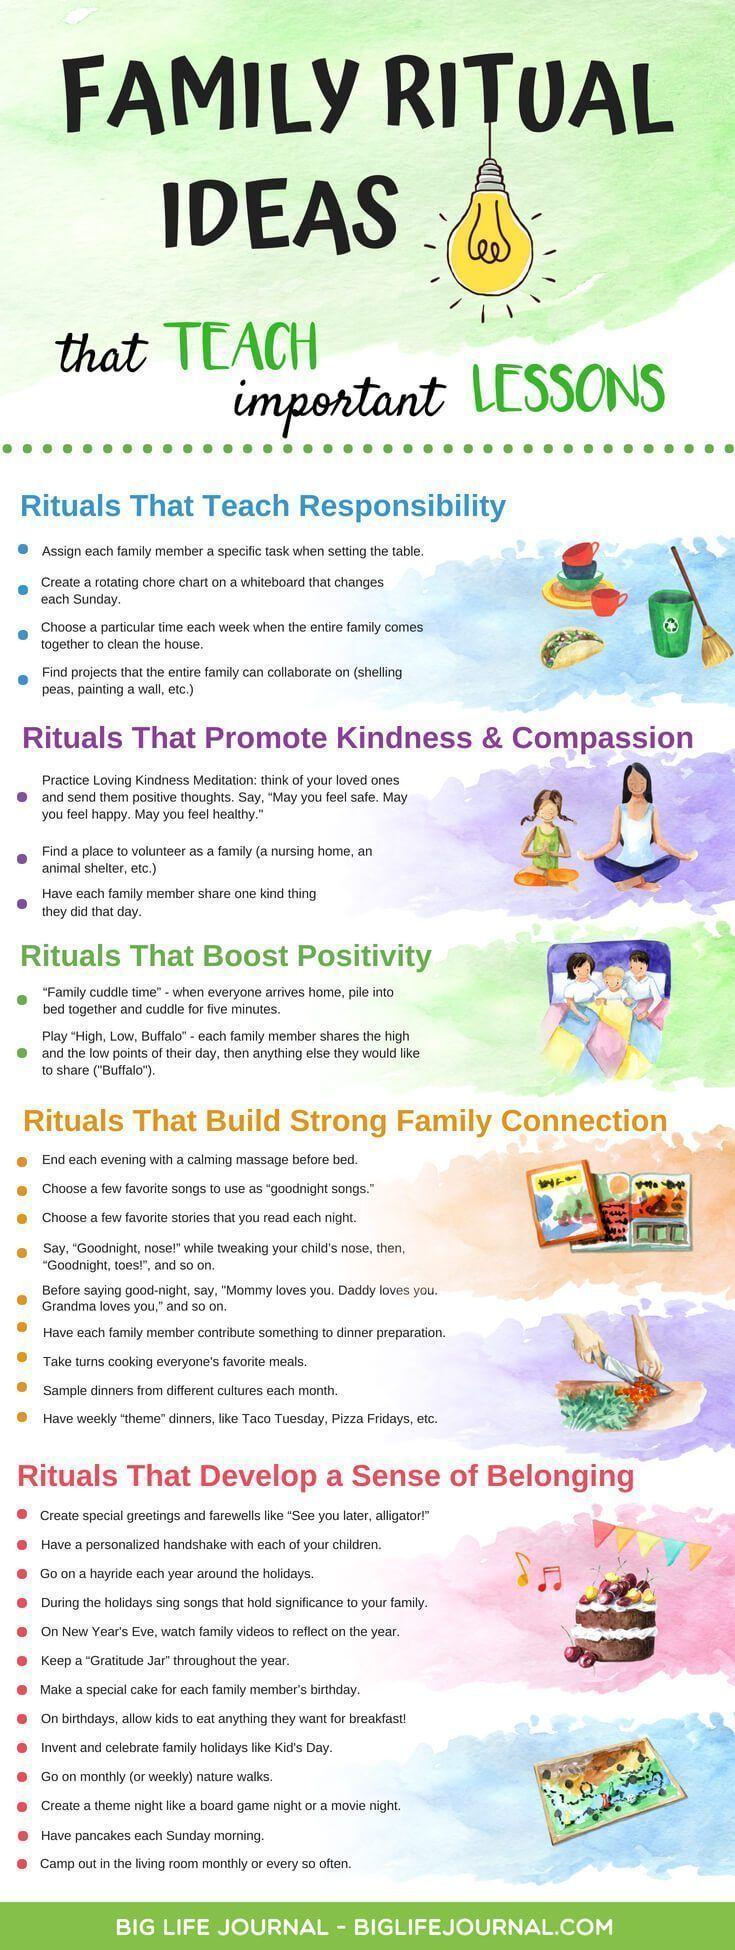 41 Familienrituale, die Verantwortung, Freundlichkeit und Mitgefühl lehren #parenting